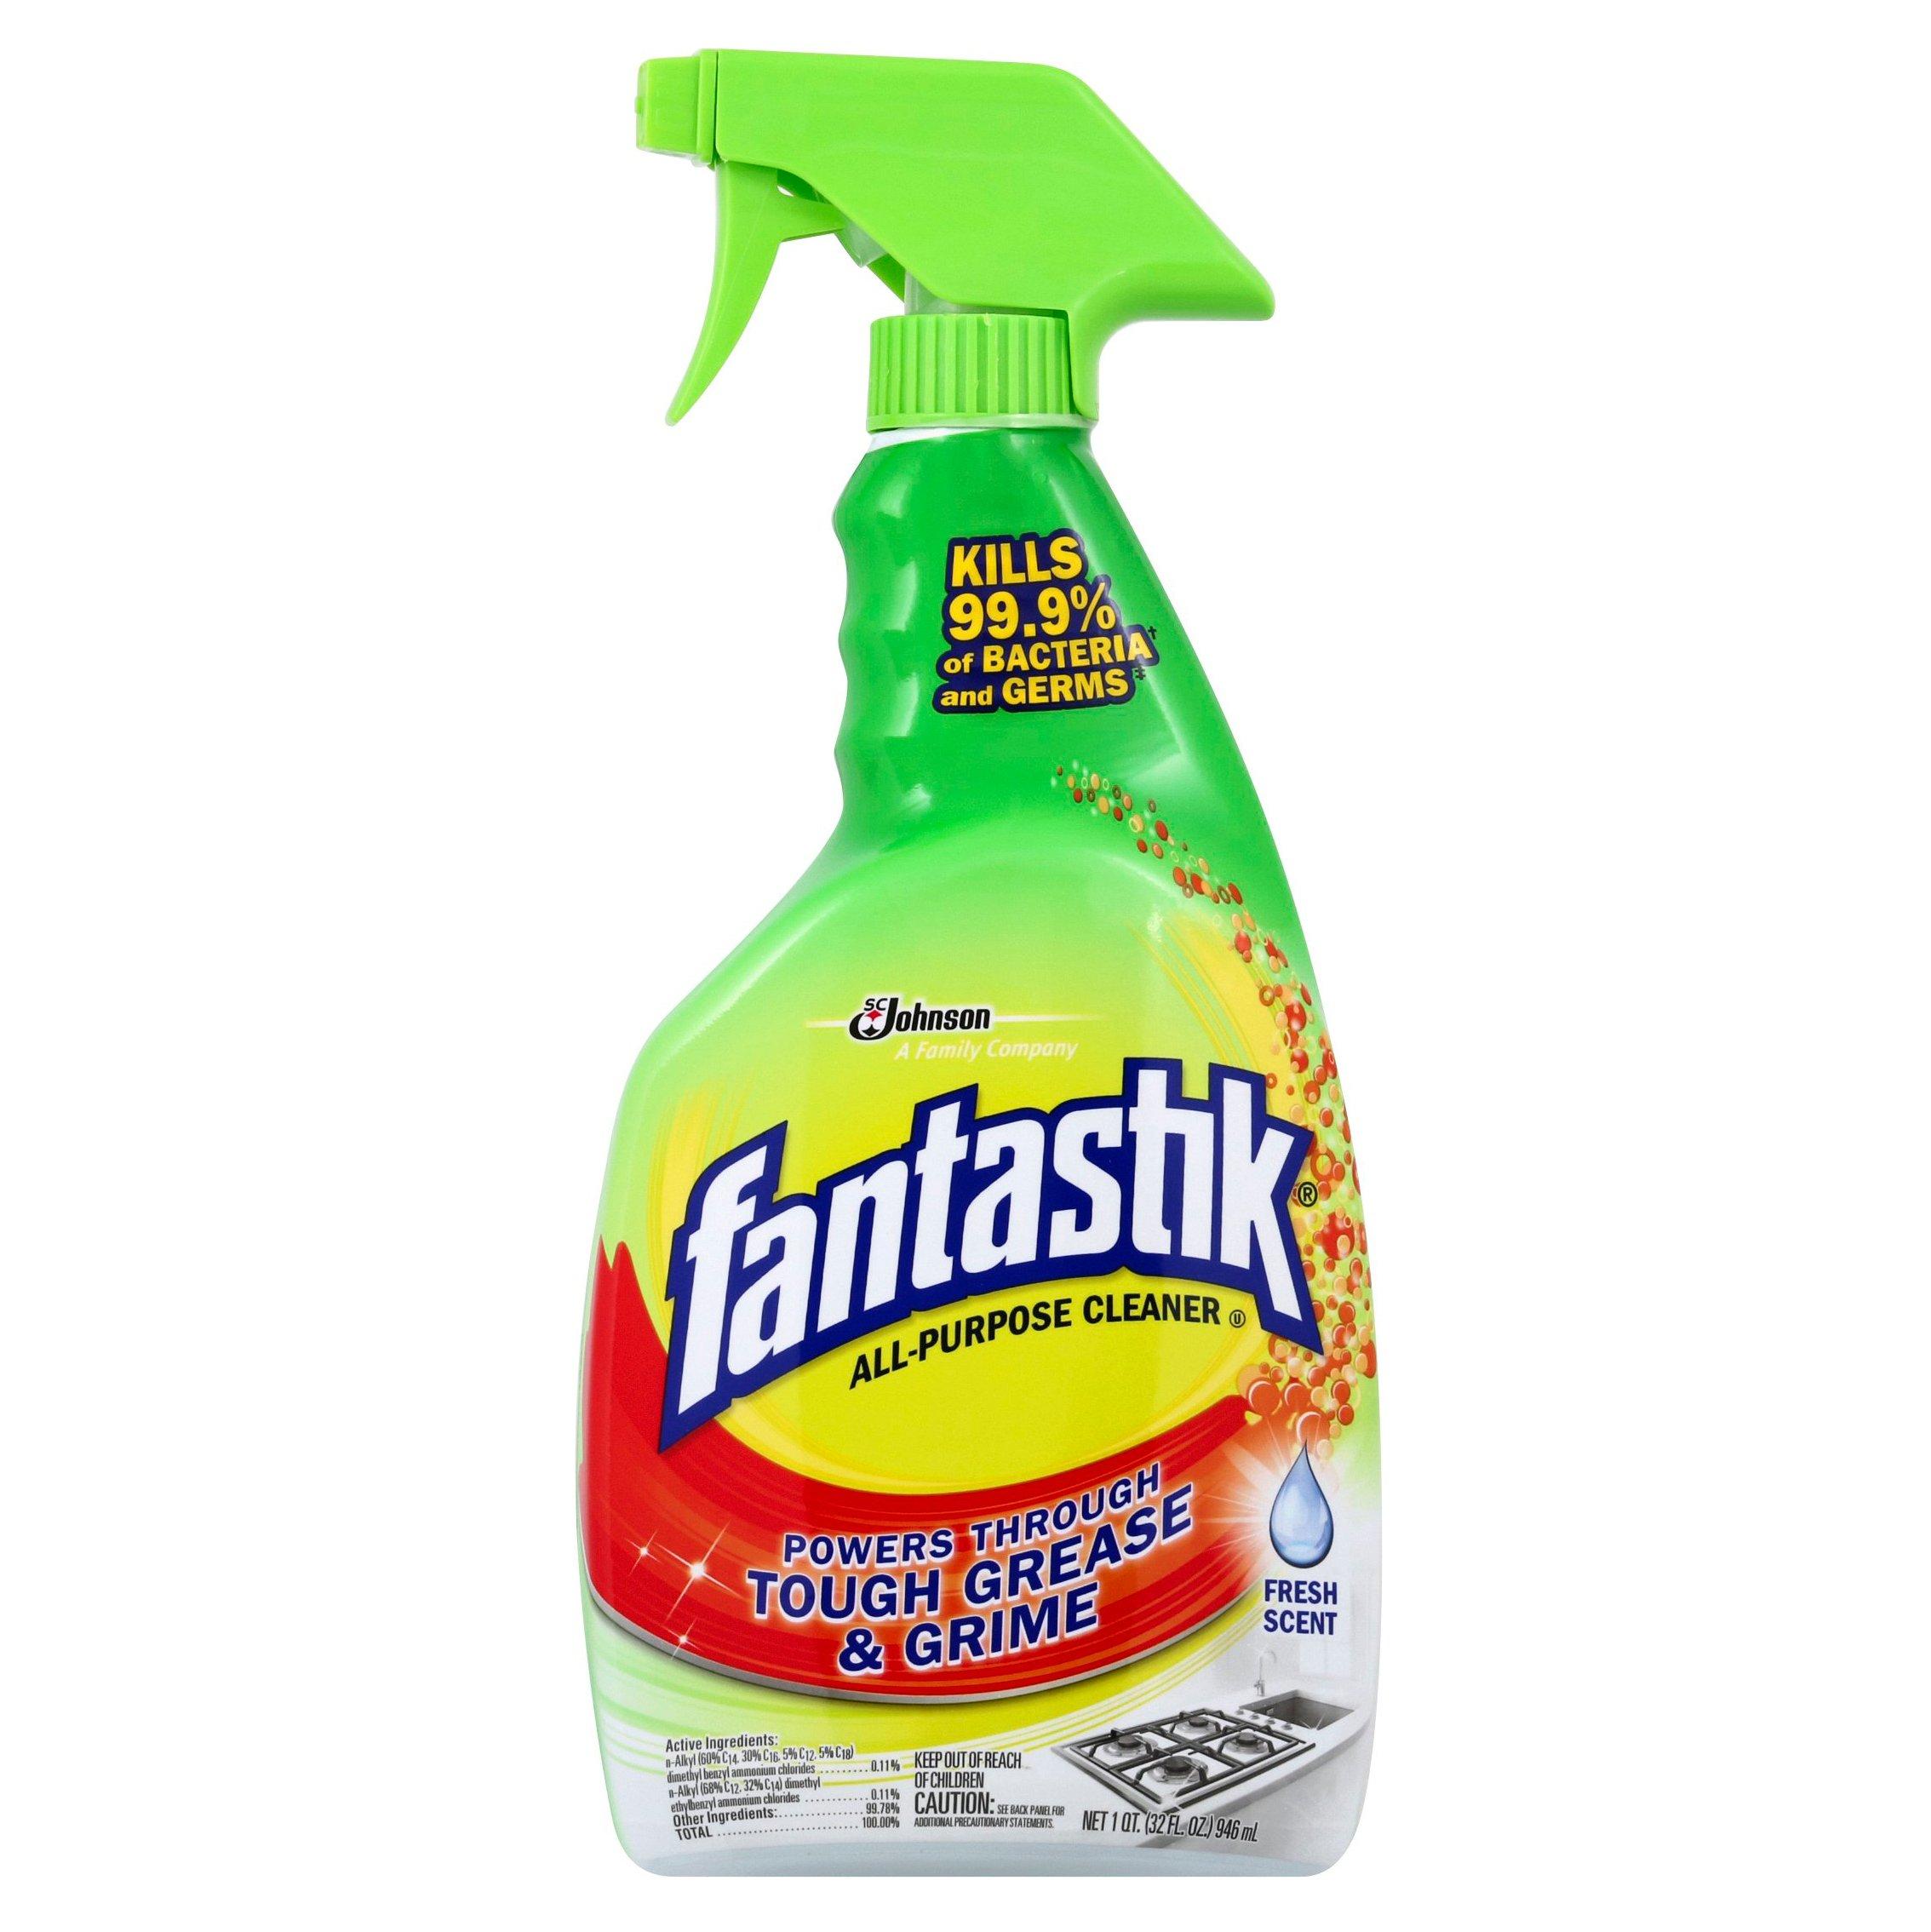 Scrubbing Bubbles Fantastik All Purpose Cleaner